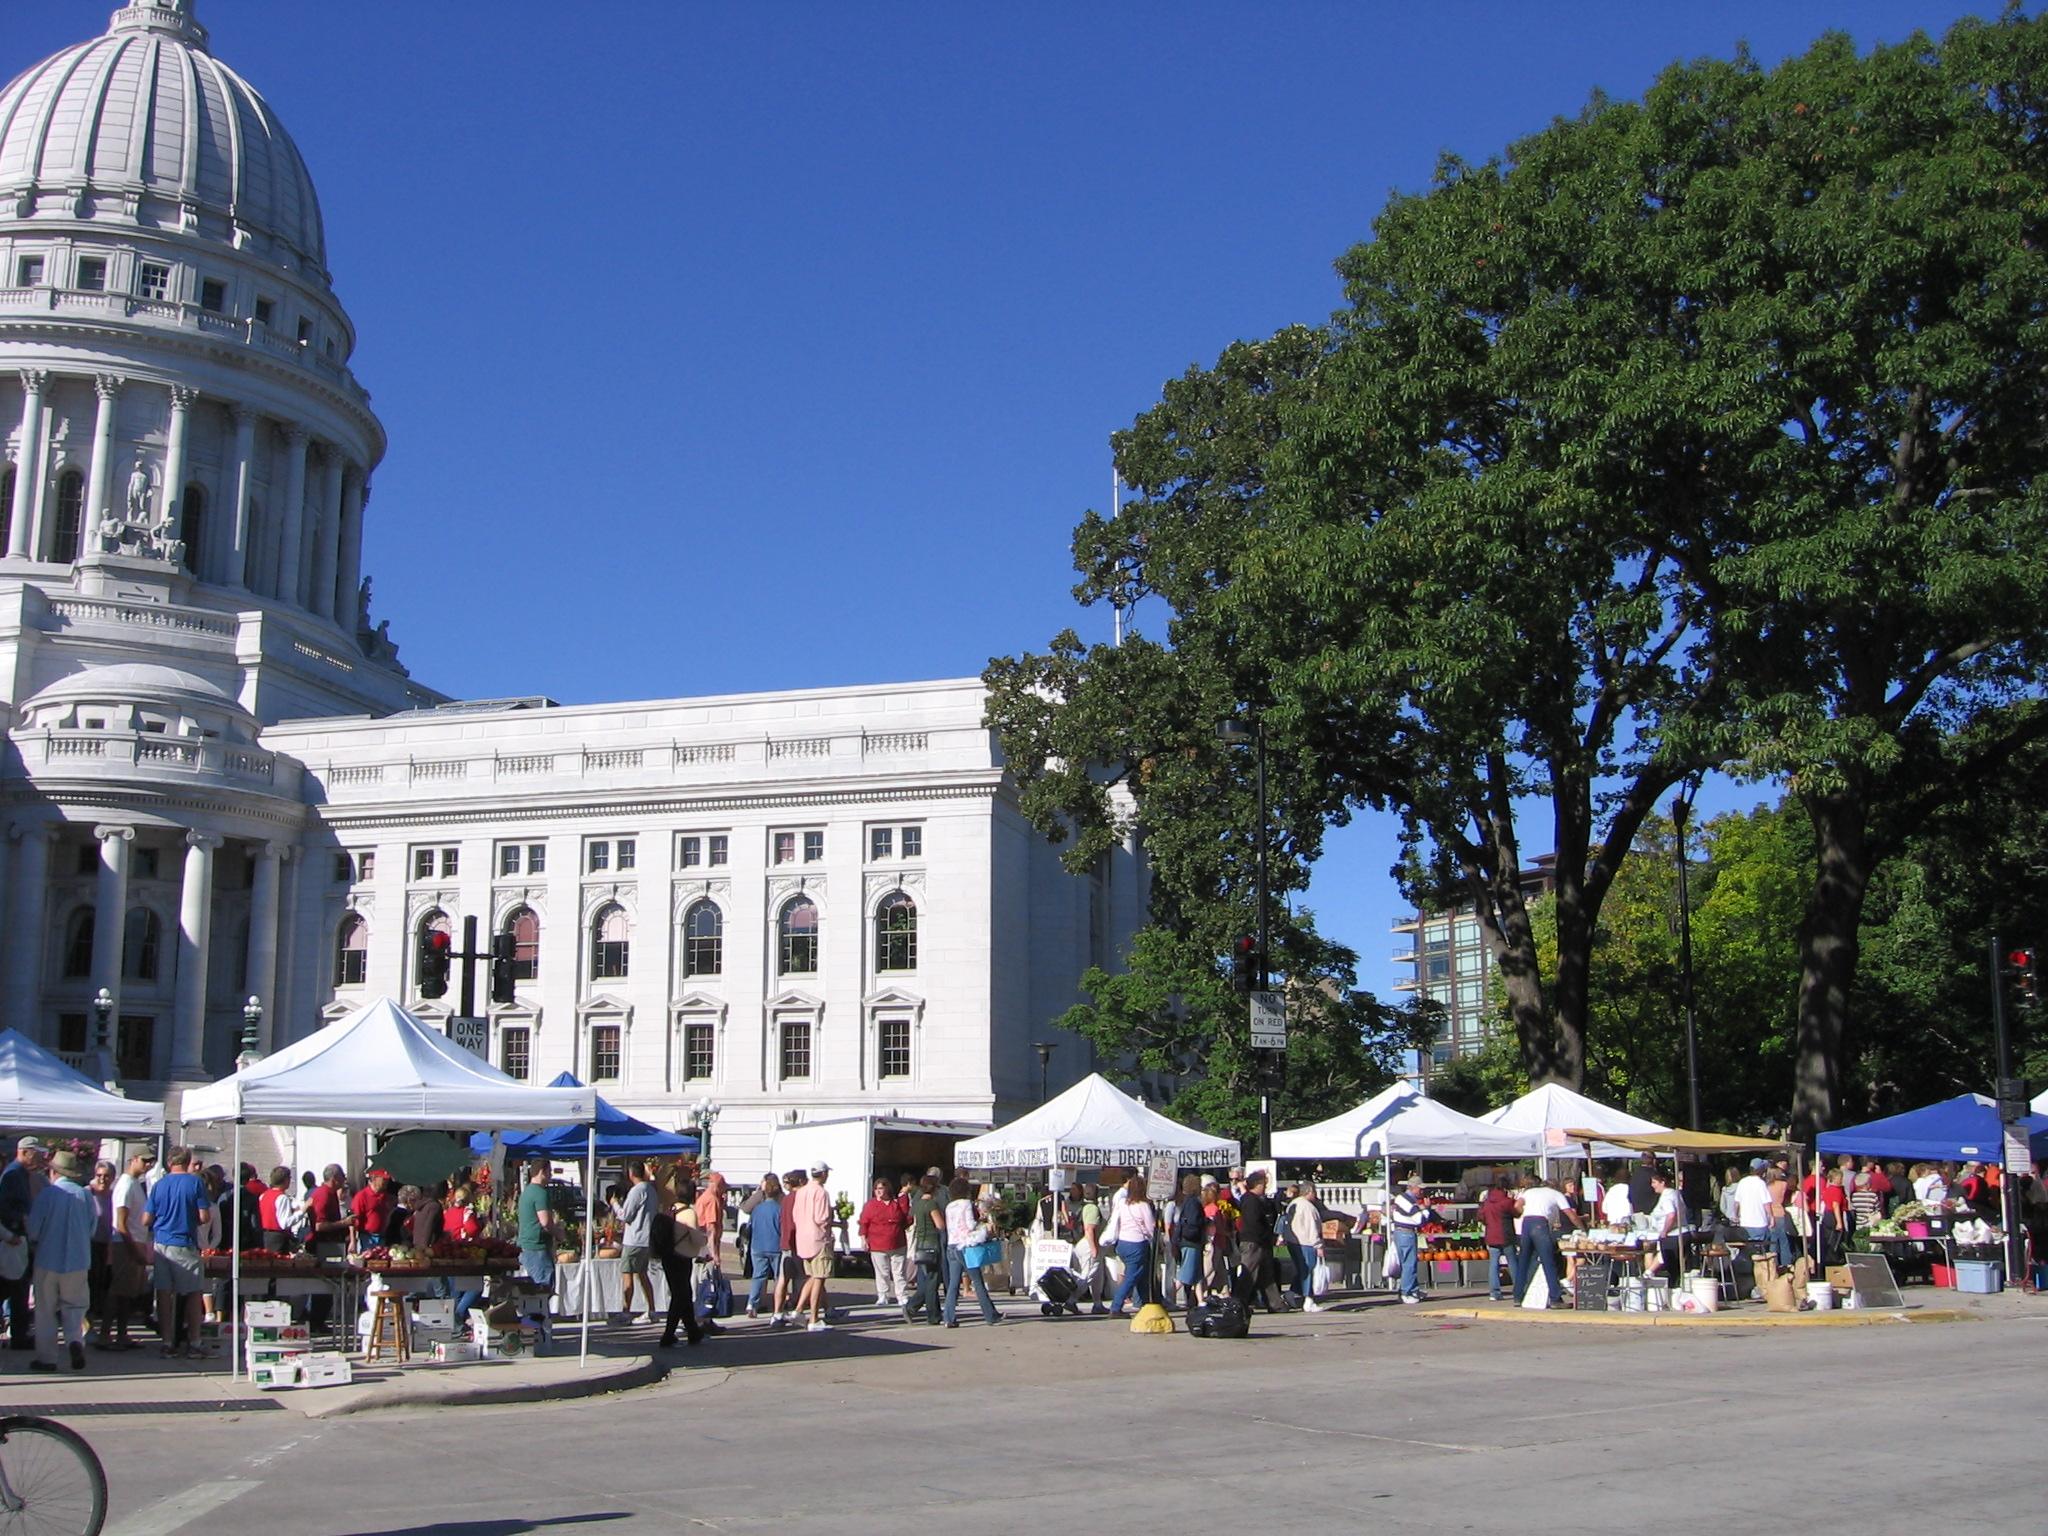 Dane_county_farmers_market